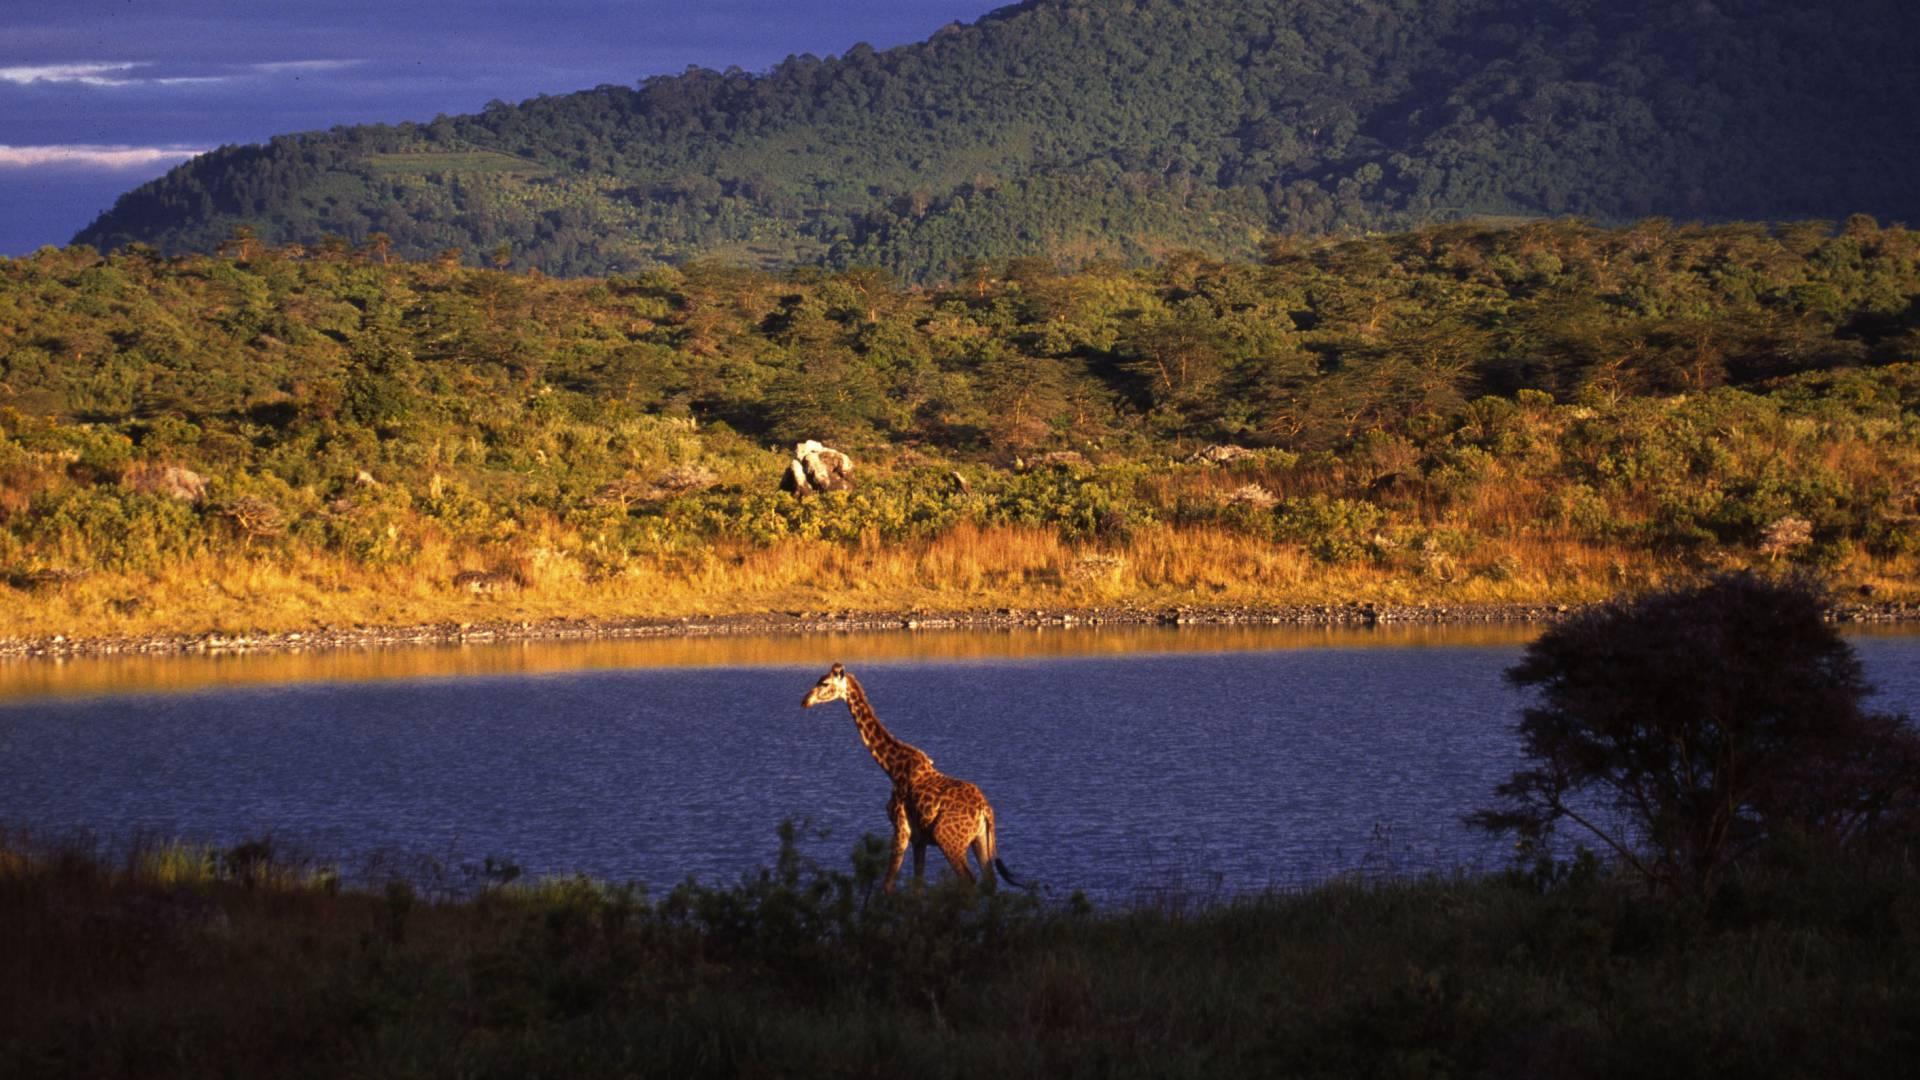 Arusha safari